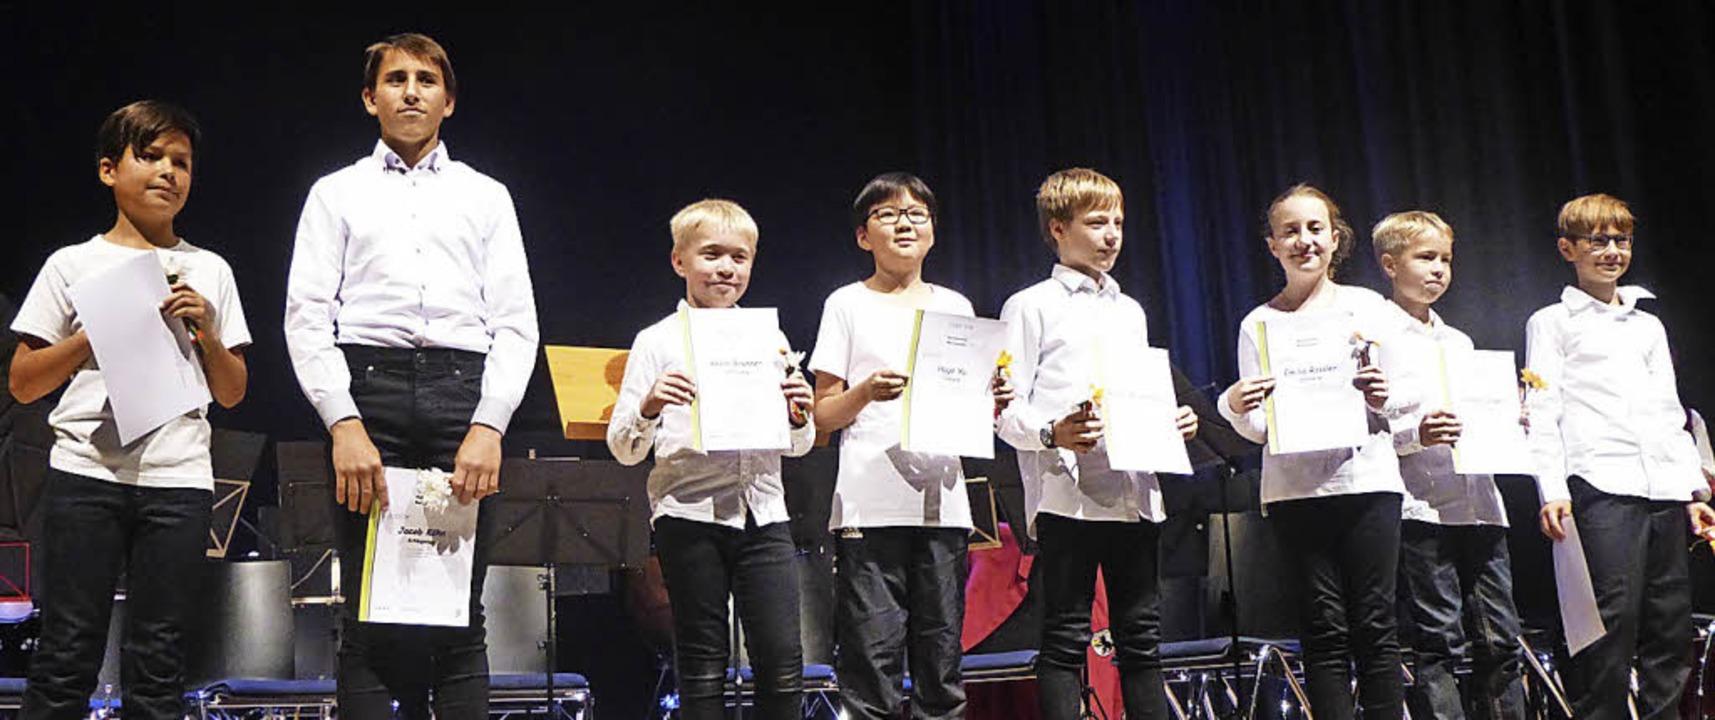 Hochmotiviert: der Nachwuchs im Musikv...nden für die erste bestandene Prüfung.  | Foto: Anne Freyer